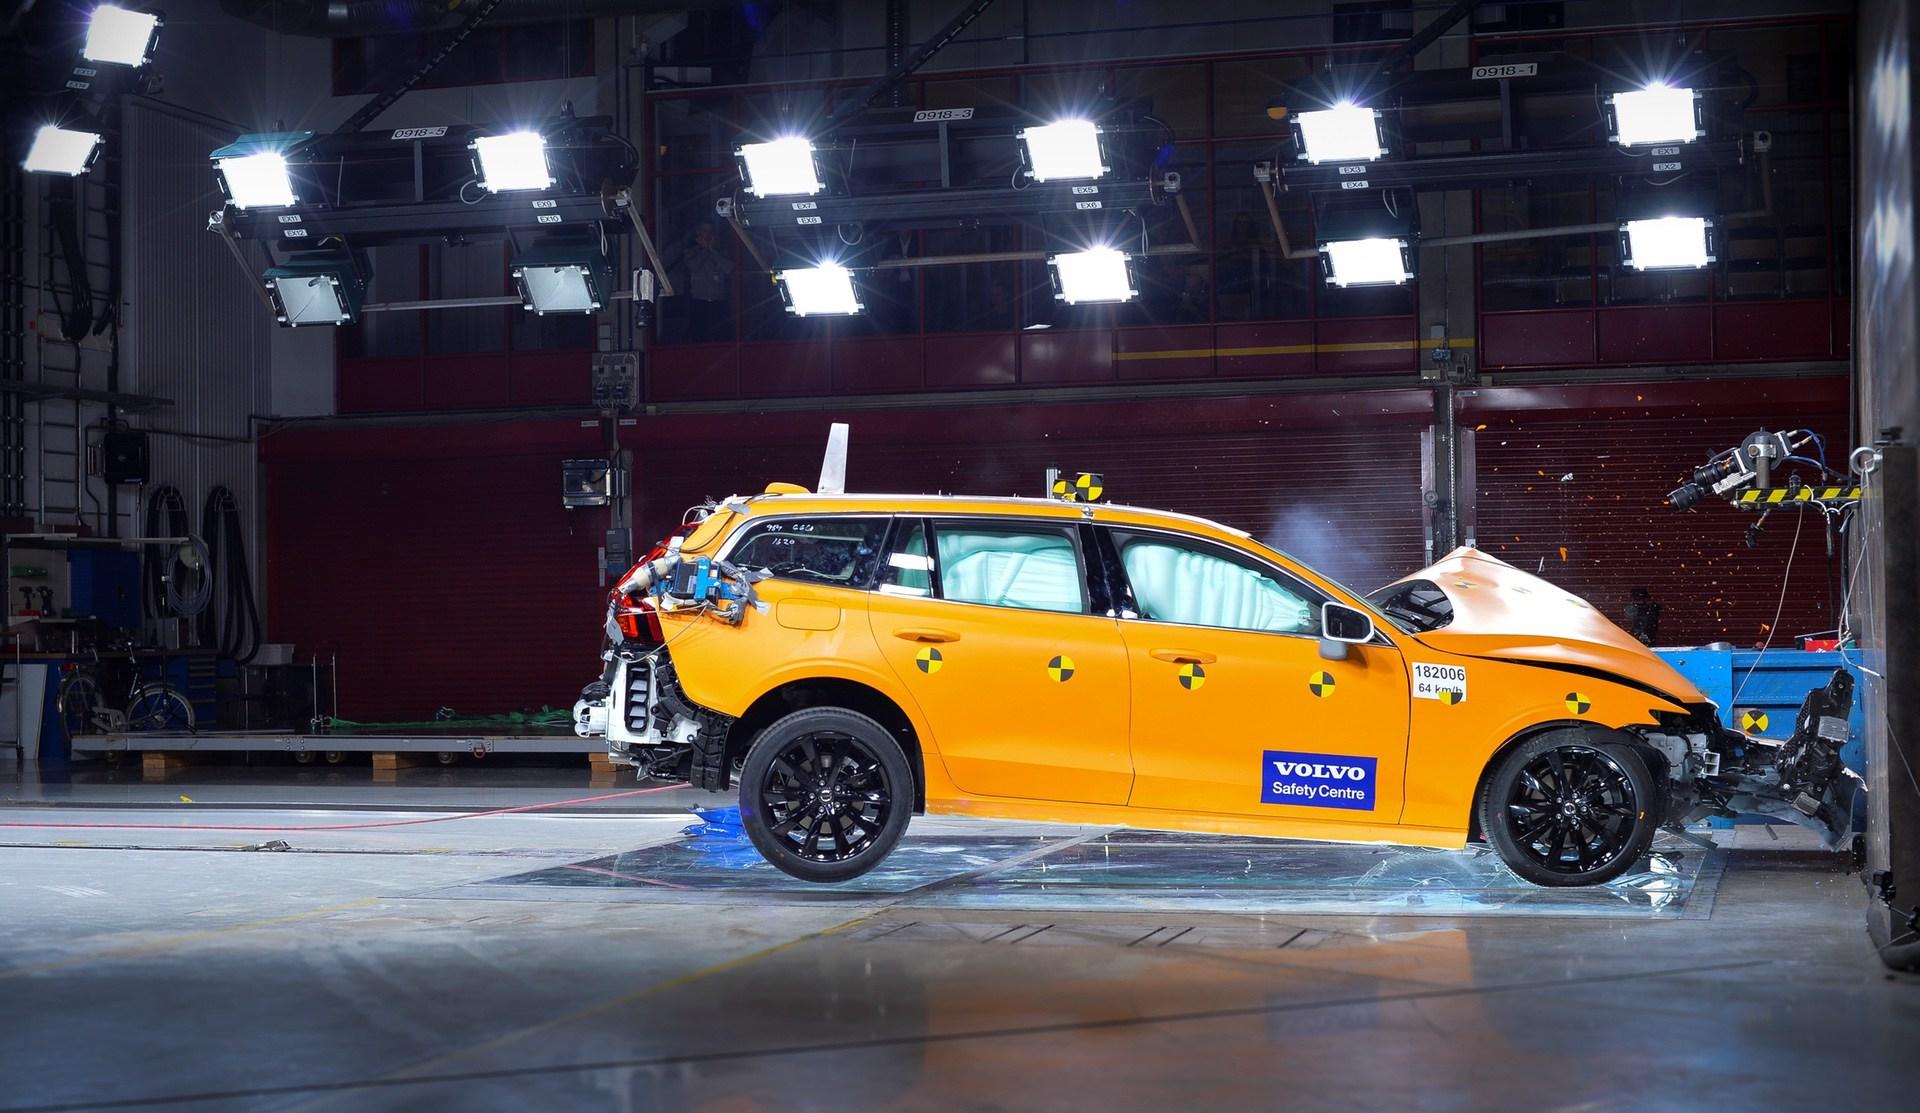 New Volvo V60 crash test still